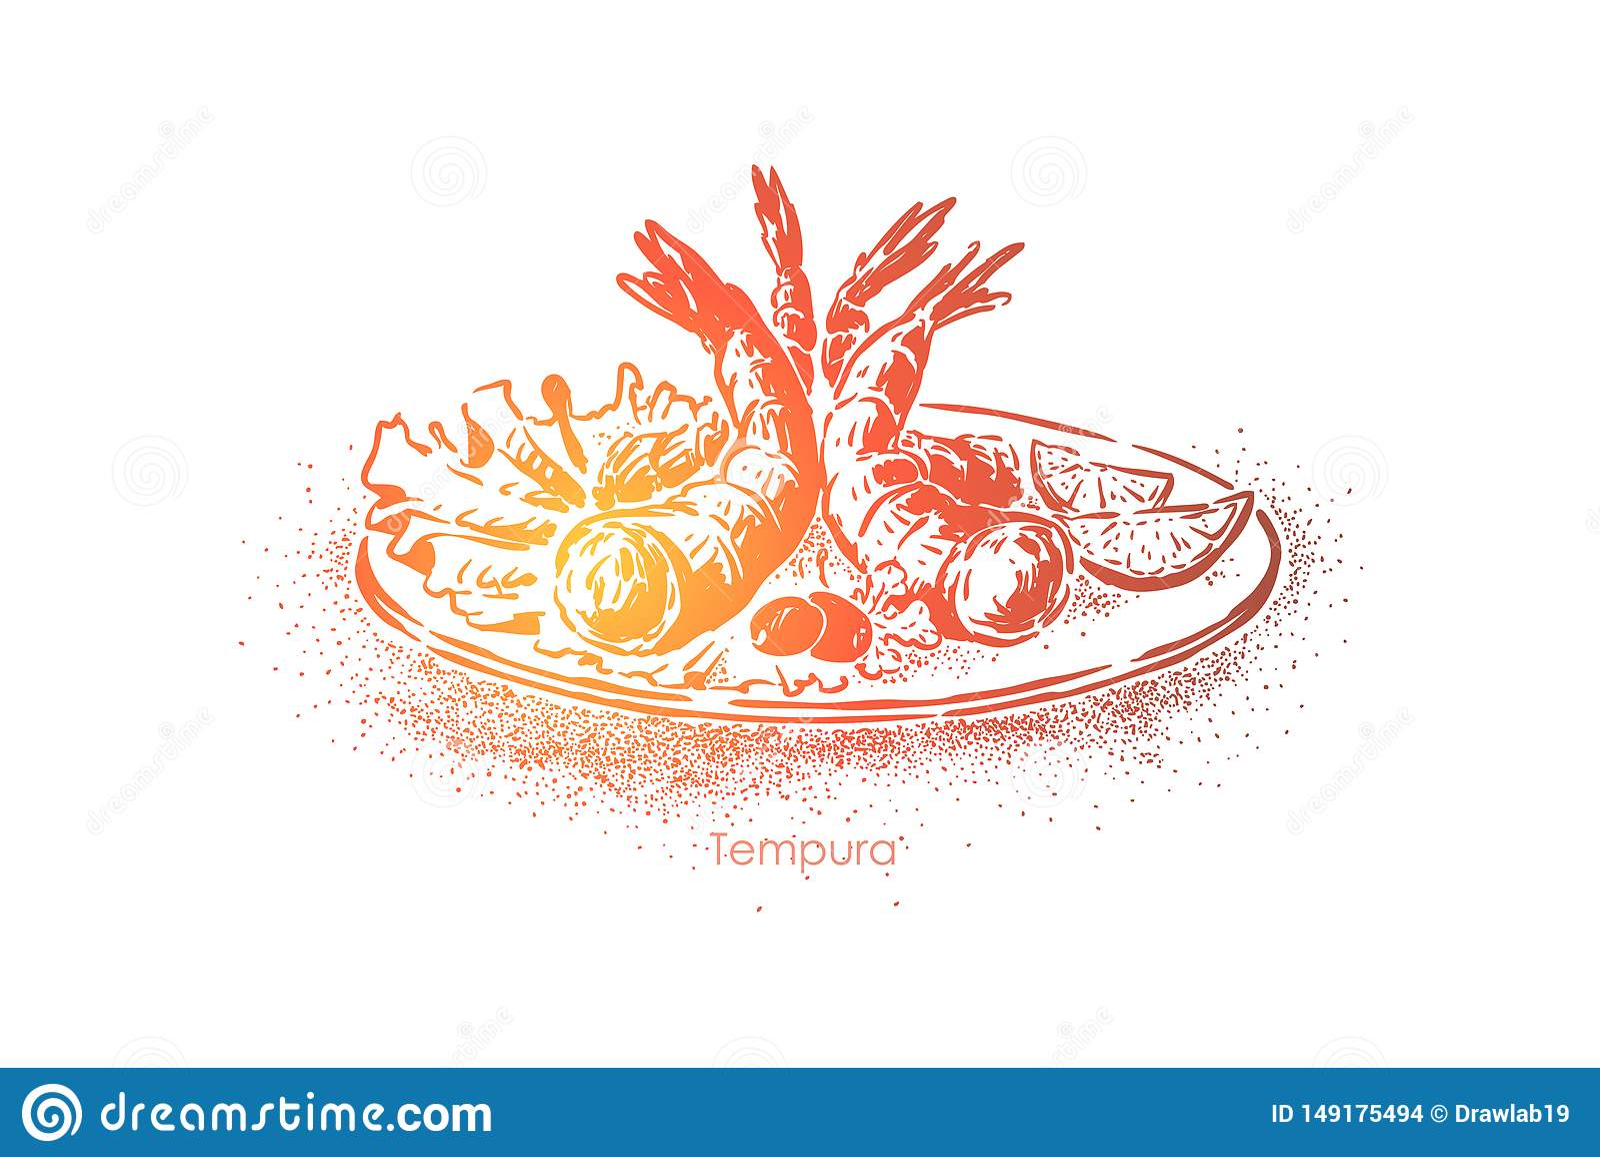 Wyśmienicie tempura naczynie, garnele gotować w cieście naleśnikowym i smażyć w głębokim sadle, smakowita zakąska, wschodni kucha